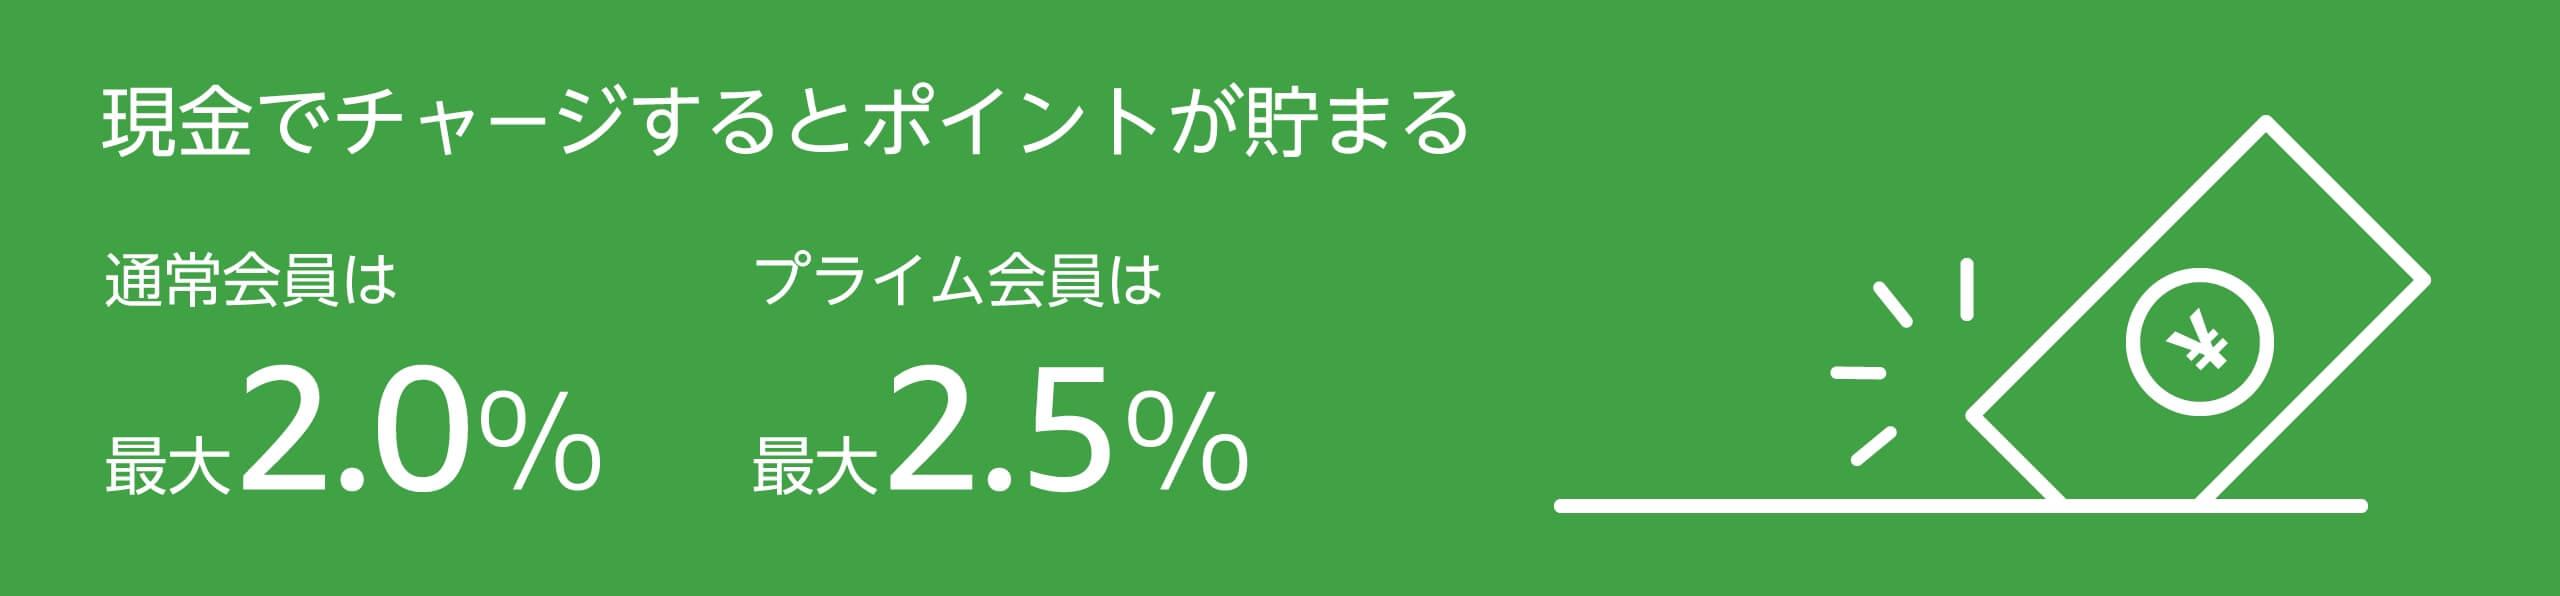 Amazonギフト券をチャージして最大2.5%ポイント還元